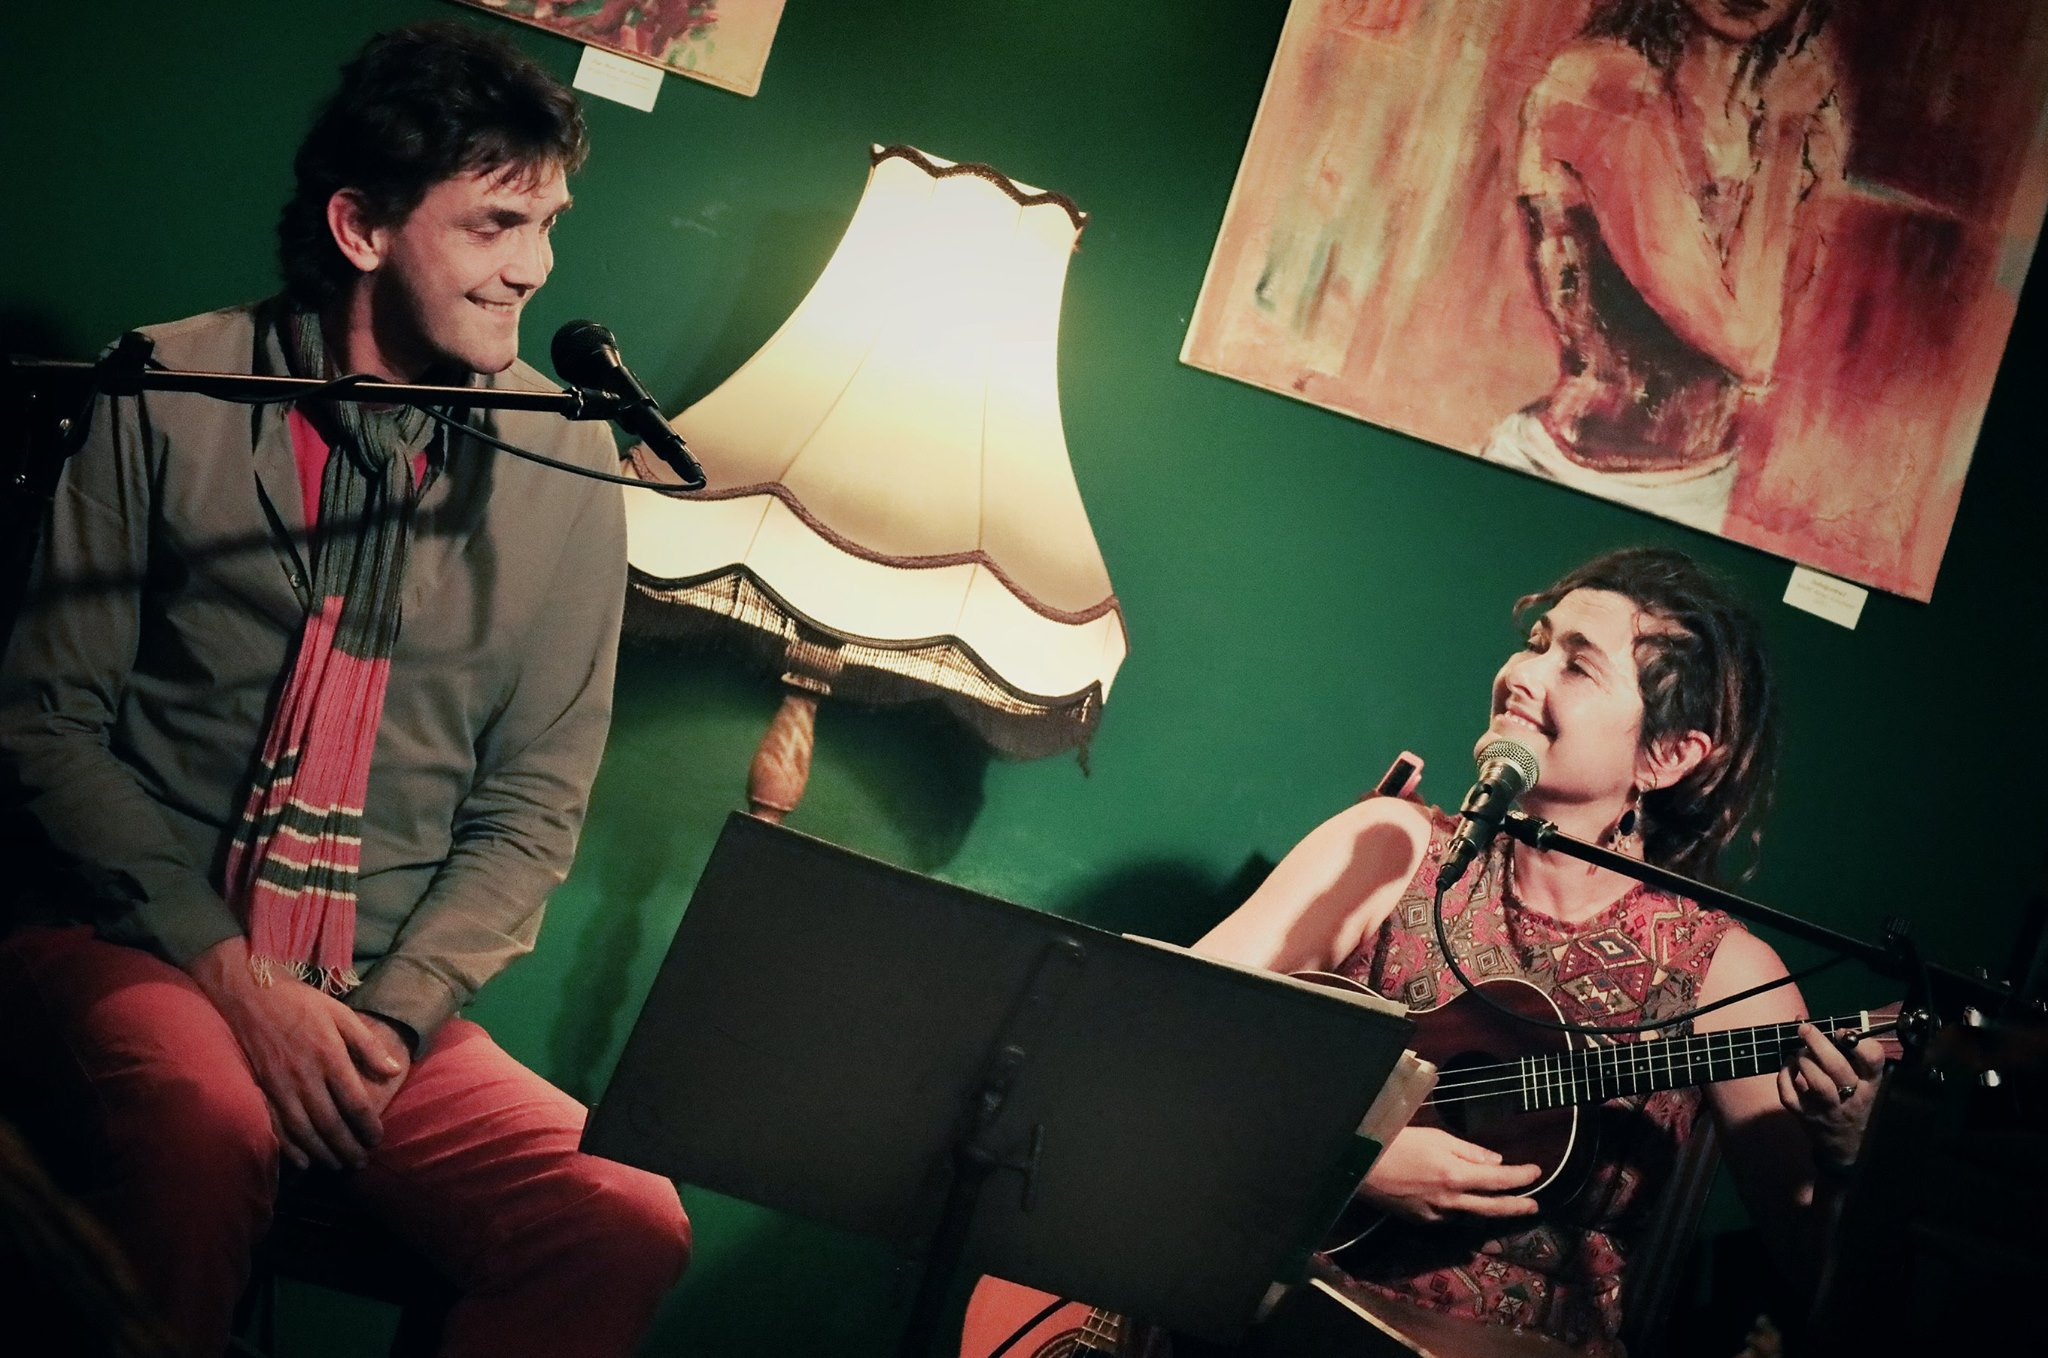 Simonetta & der Peter